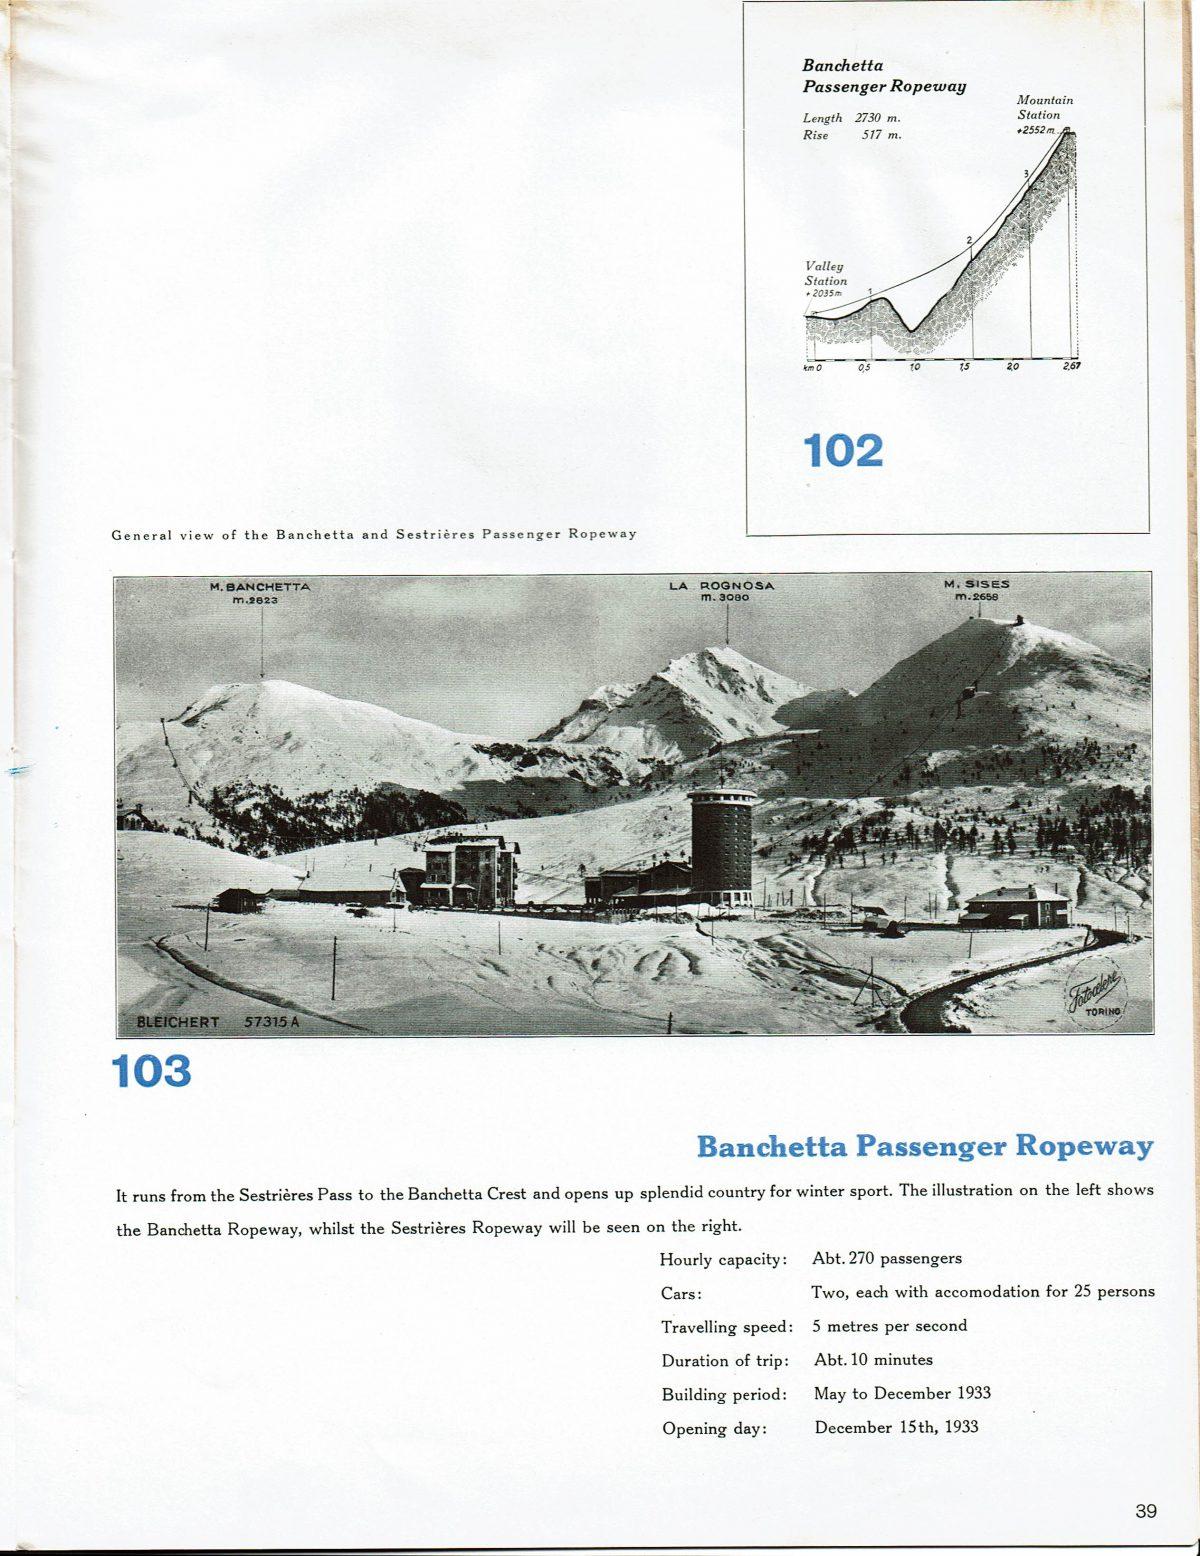 25_Bleichert Banchetta (ITA) (102-103)